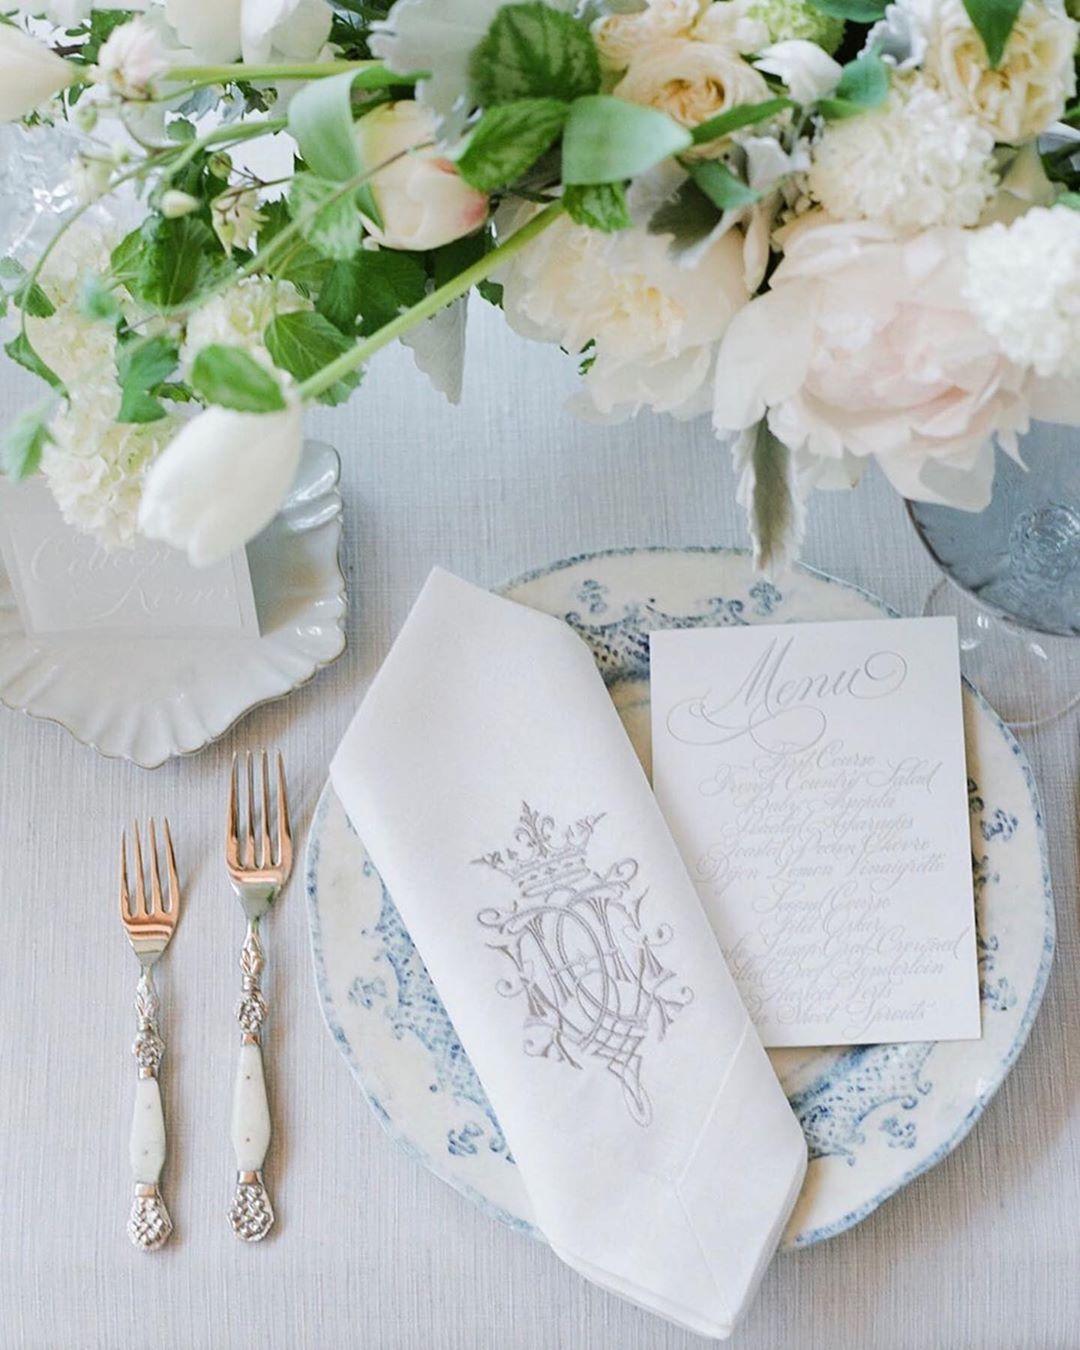 Monogrammed Linens Floral Linen Napkins Monogrammed Floral  Linen Napkins Monogrammed Table Linens